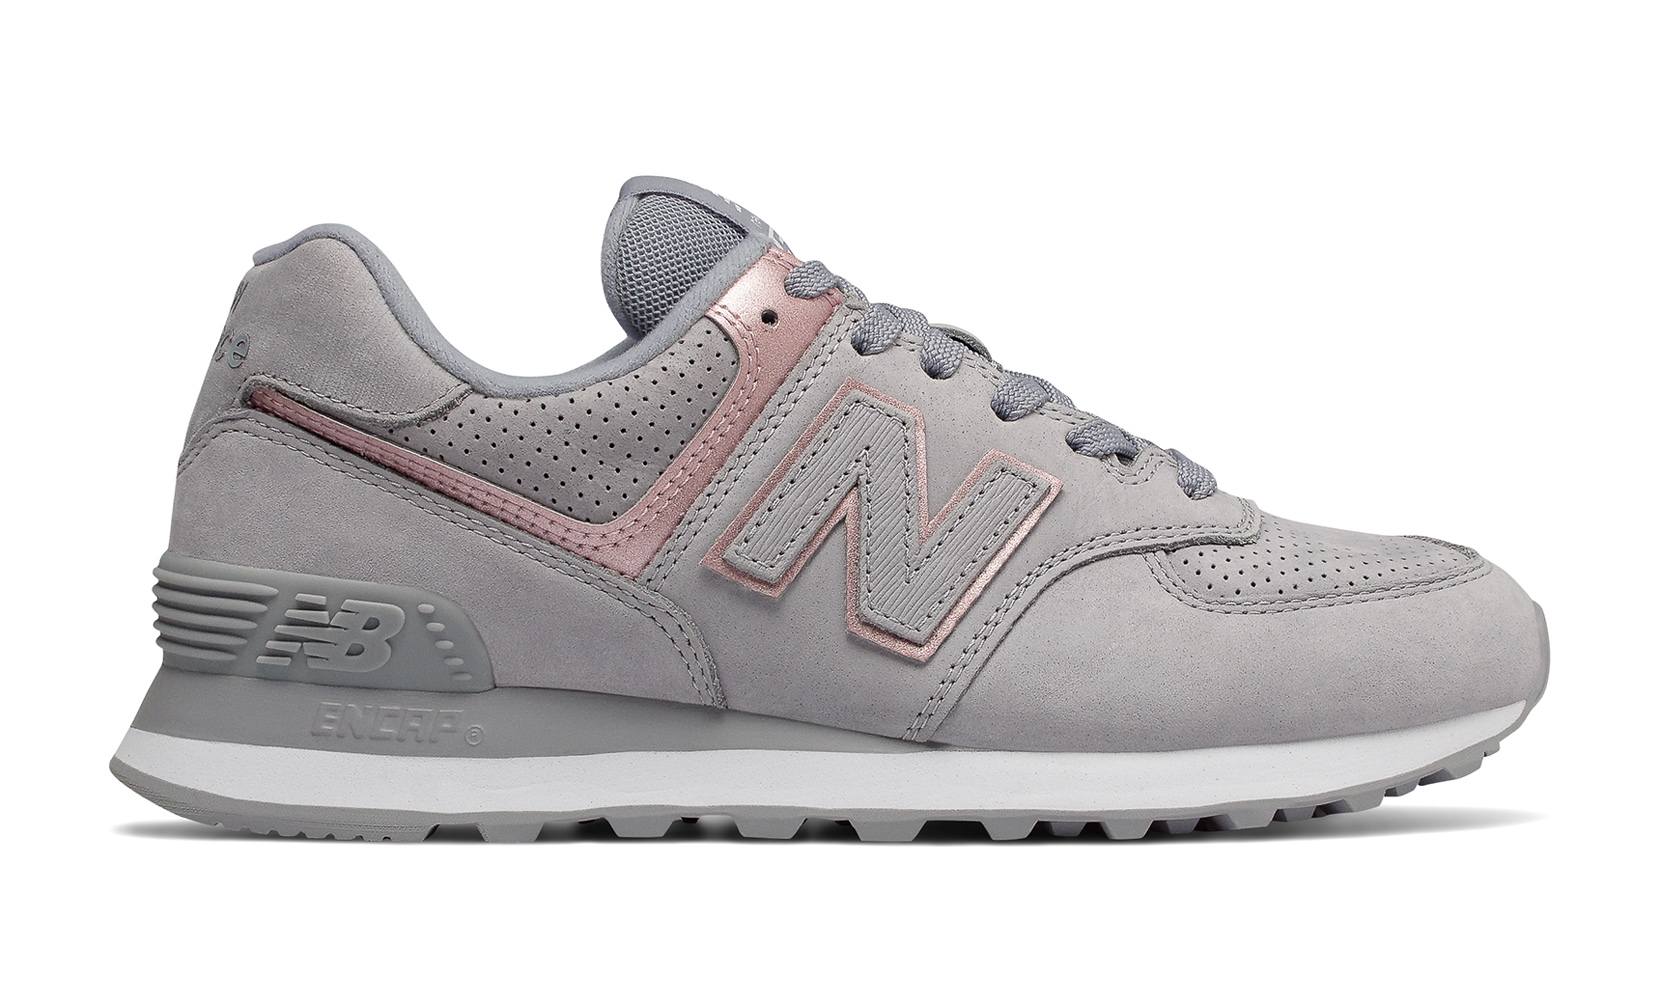 Жіноче взуття повсякденне 574 Nubuck WL574NBN | New Balance